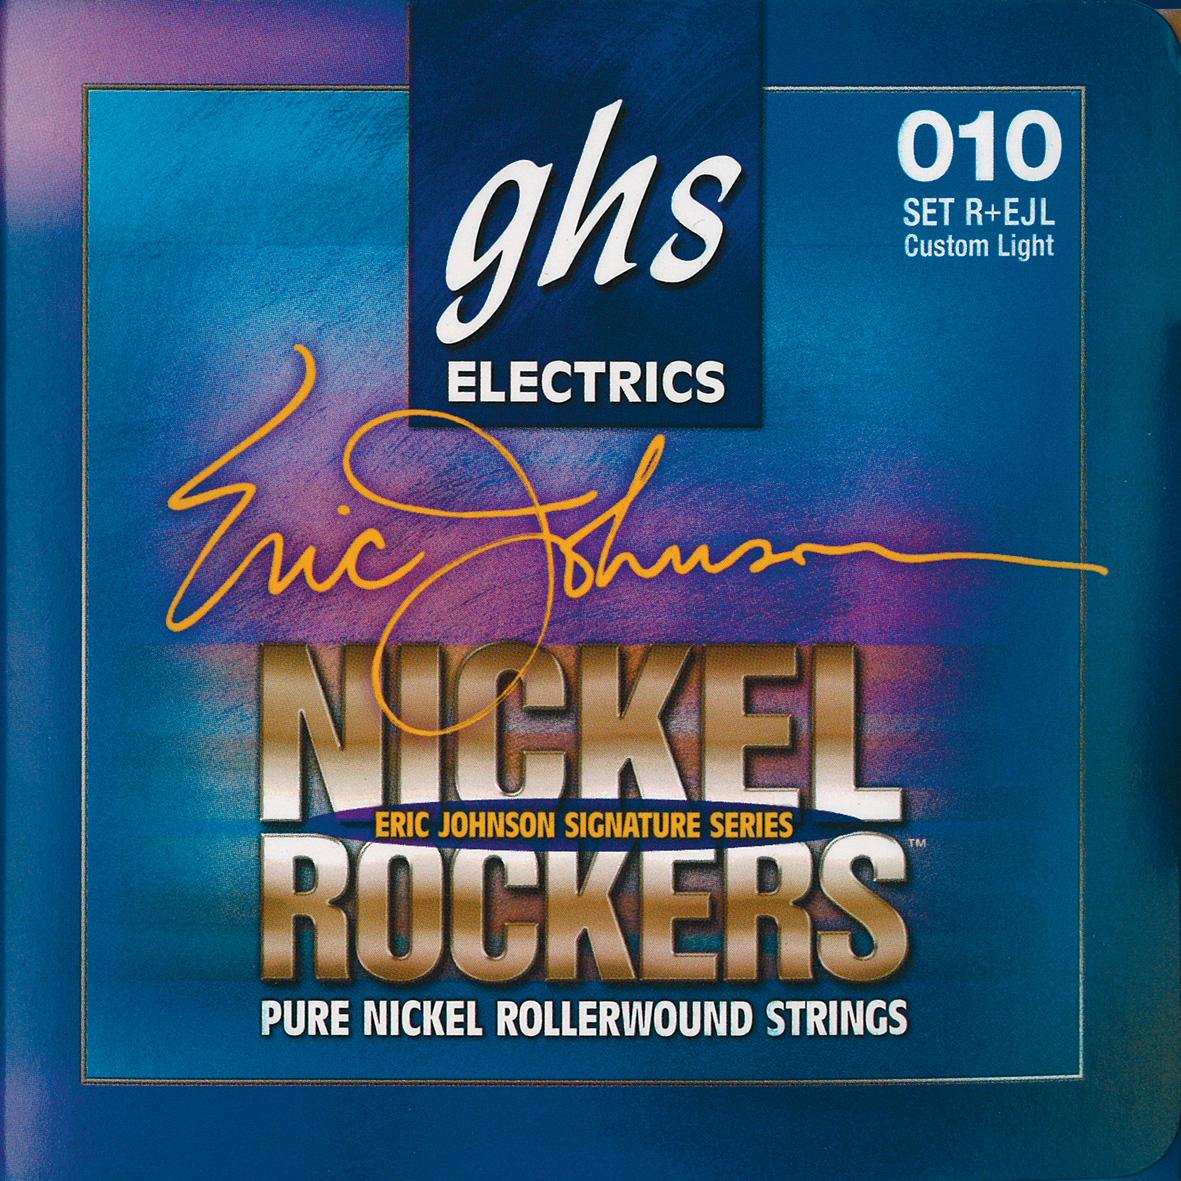 Struny do gitary elektrycznej GHS Nickel Rockers (akcesoria)